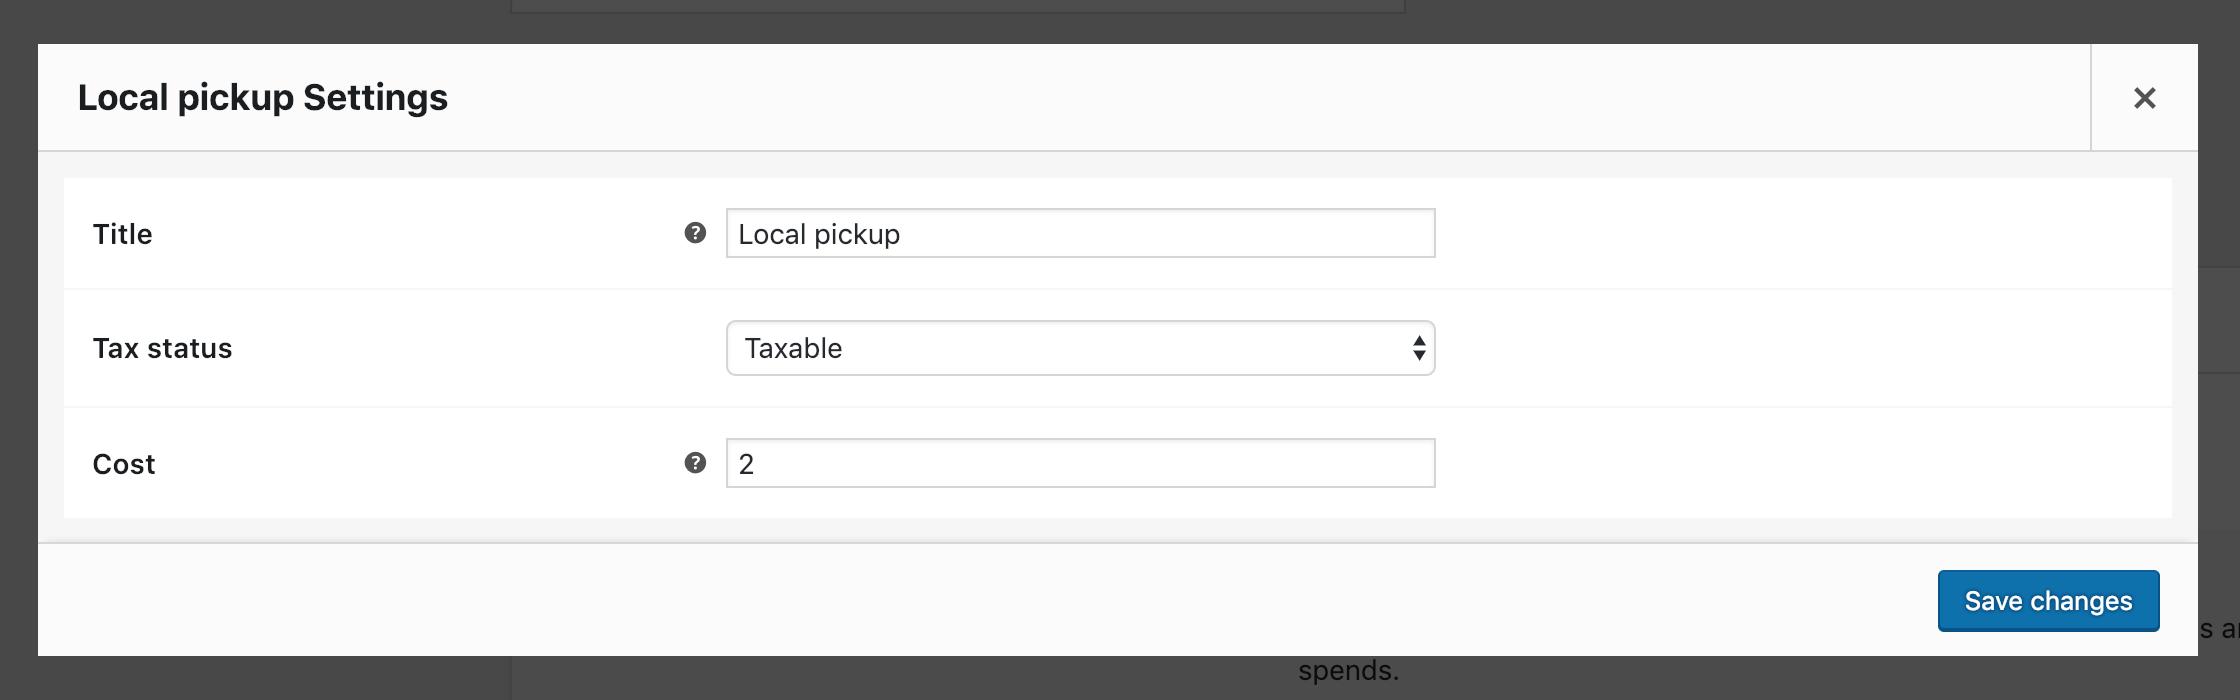 local_pickup_settings